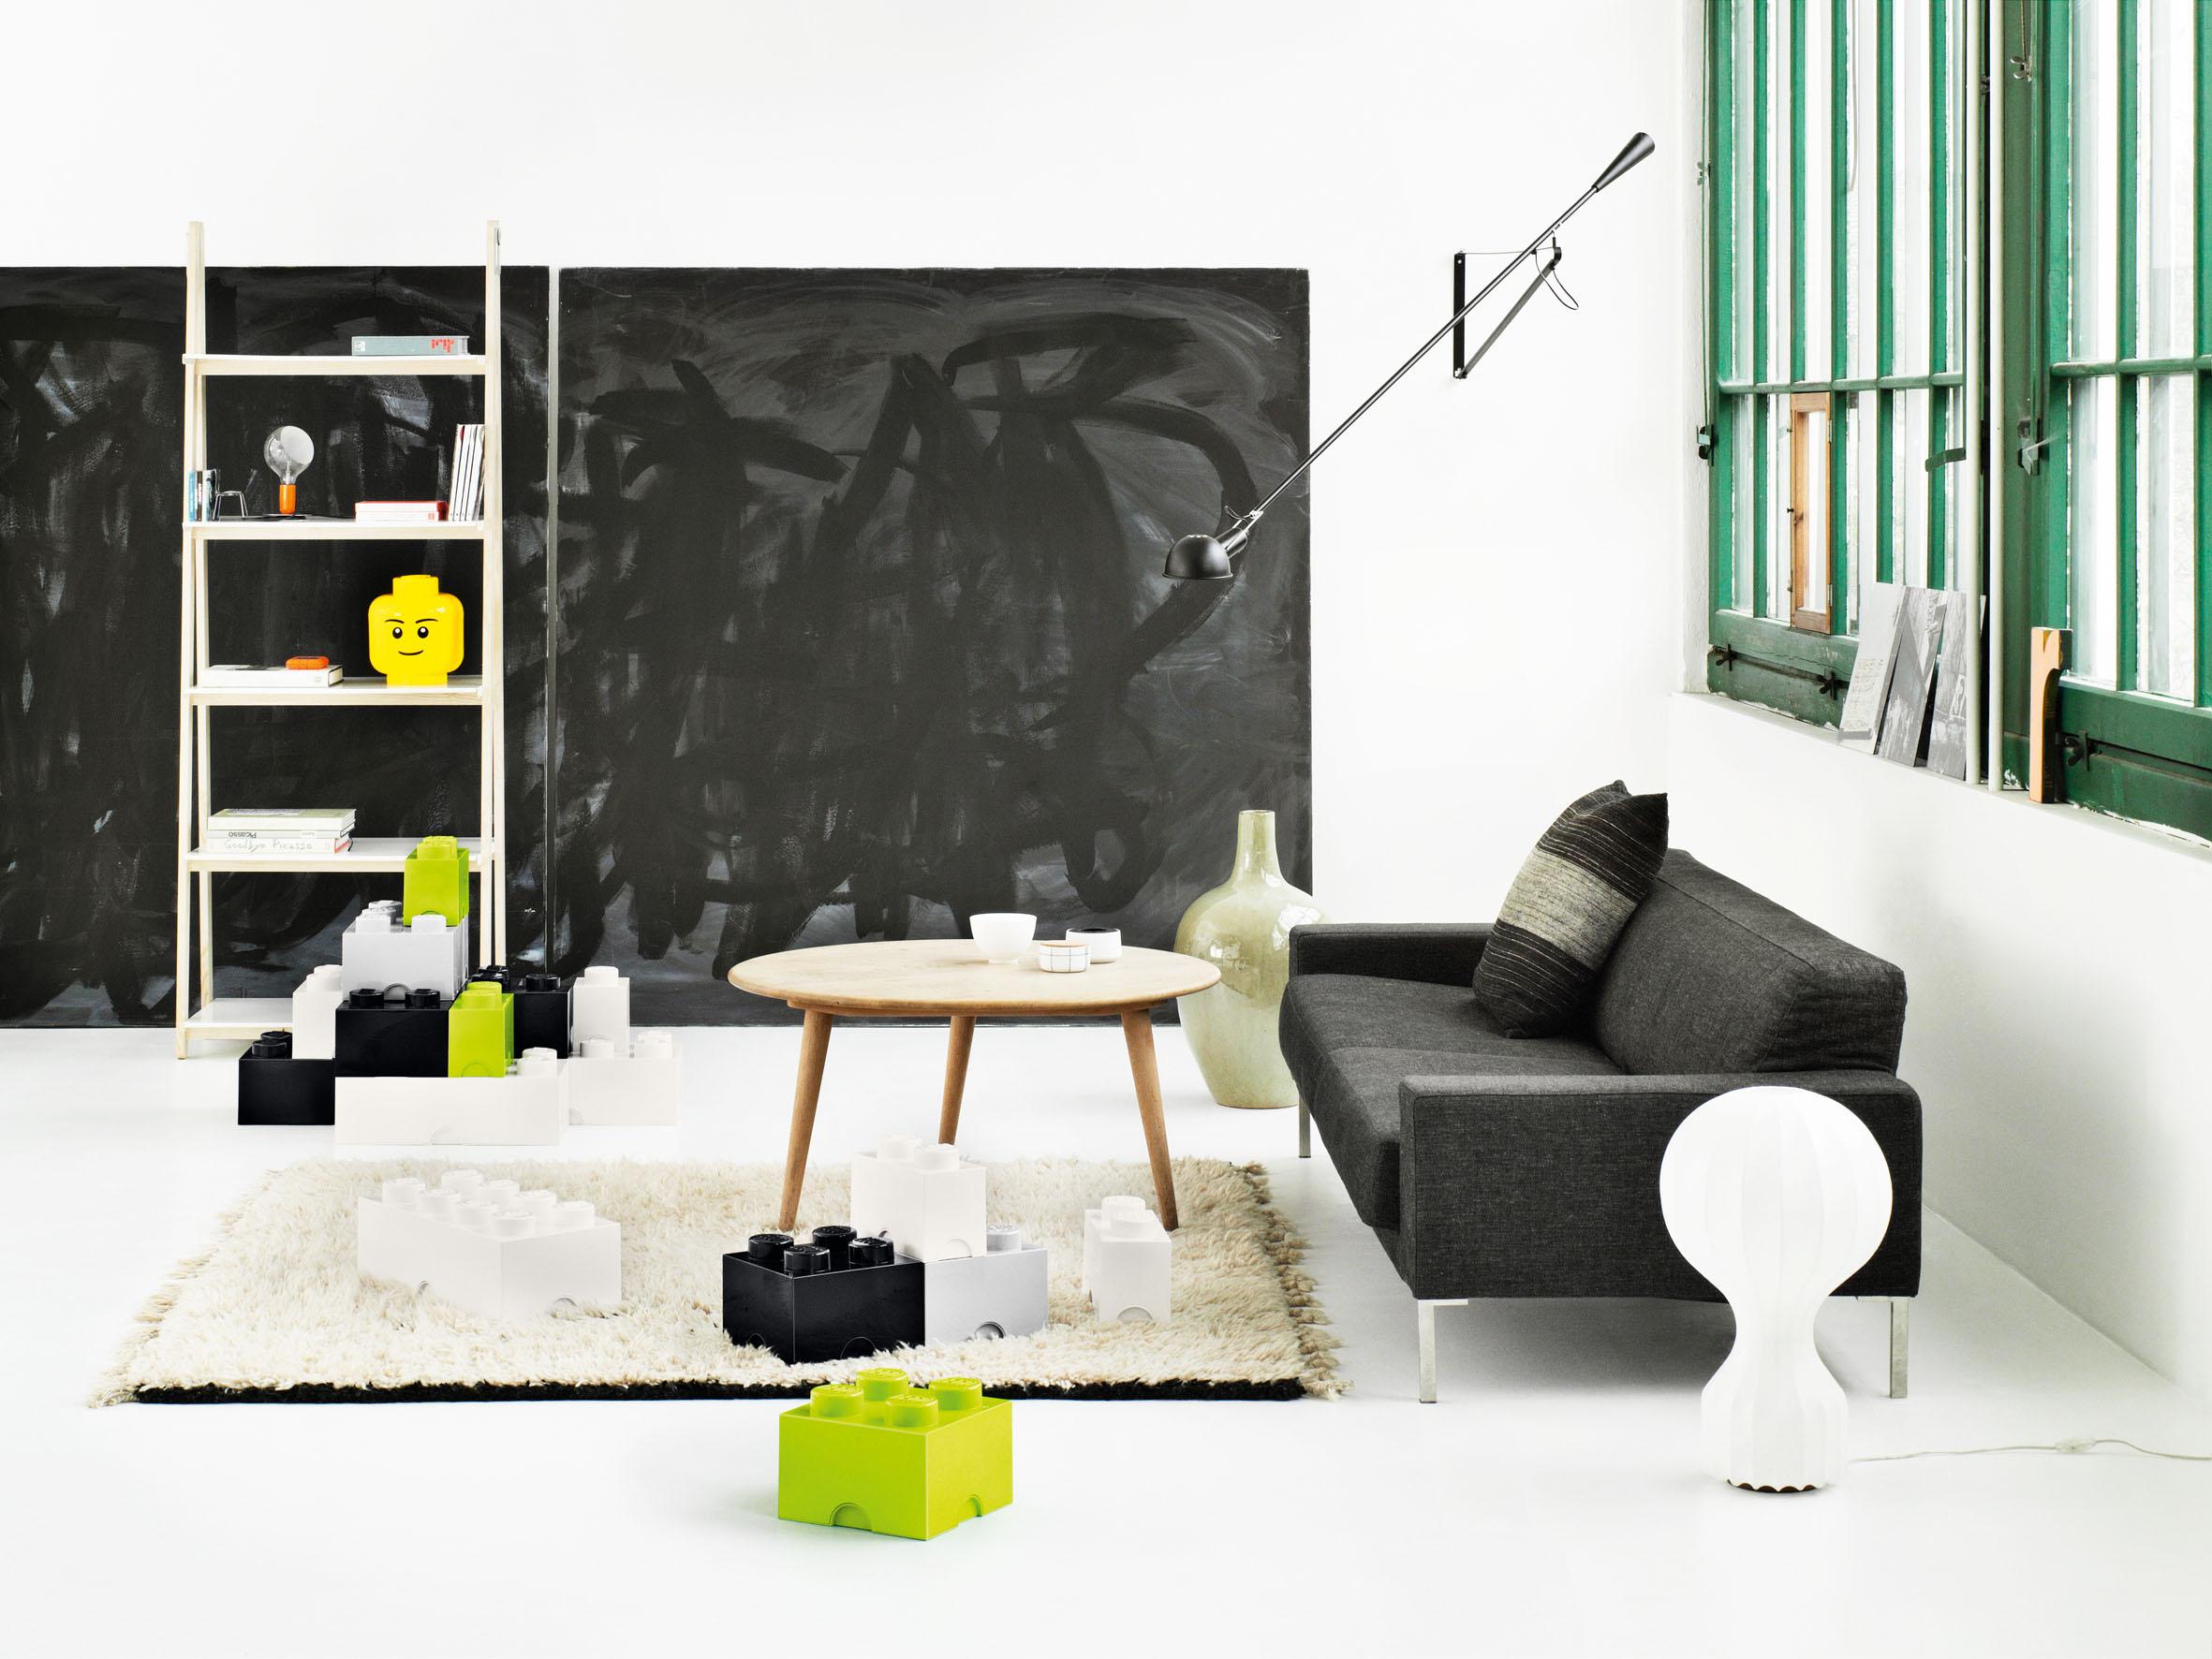 Furniture A Modular Life